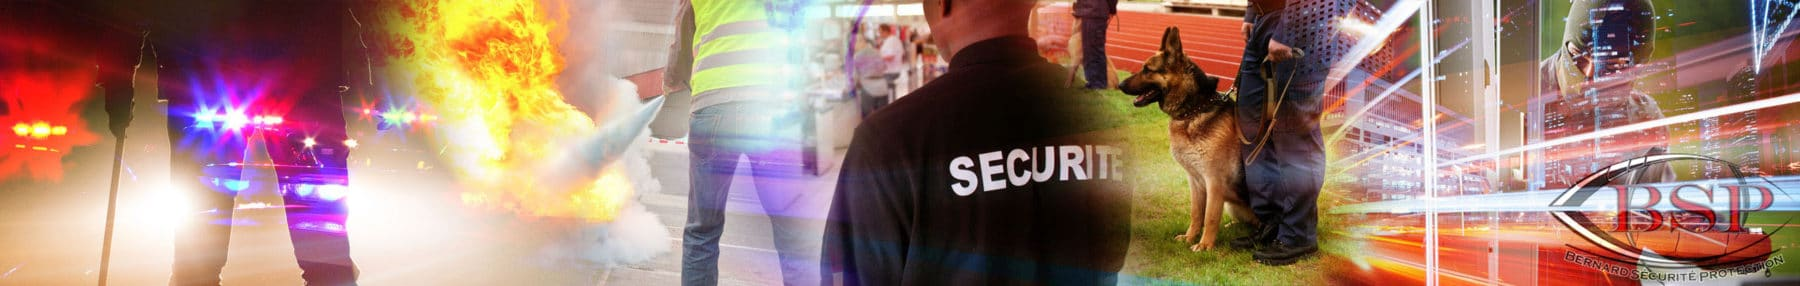 Bernard Sécurité Protection - Agence de sécurité